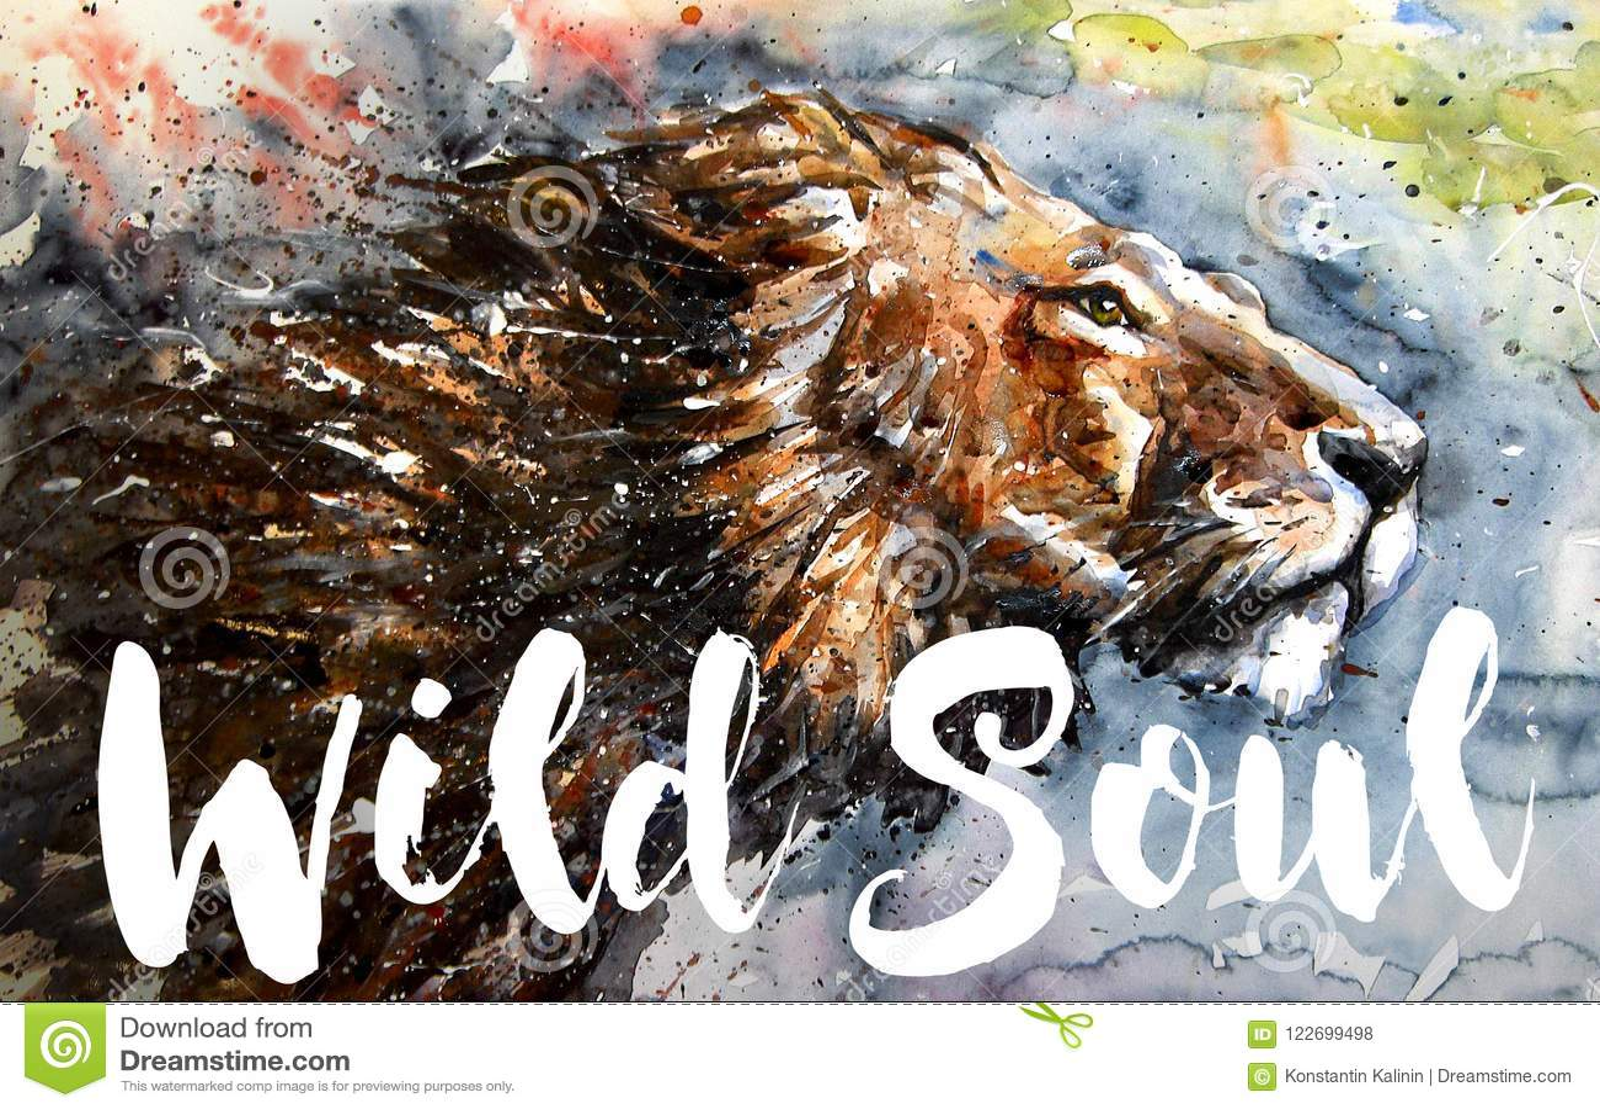 Lew duszy Dzikiej akwareli kolorowy obraz, duży ptasi drapieżnik, projekt koszulka, królewiątko góry, uwalnia komarnicy